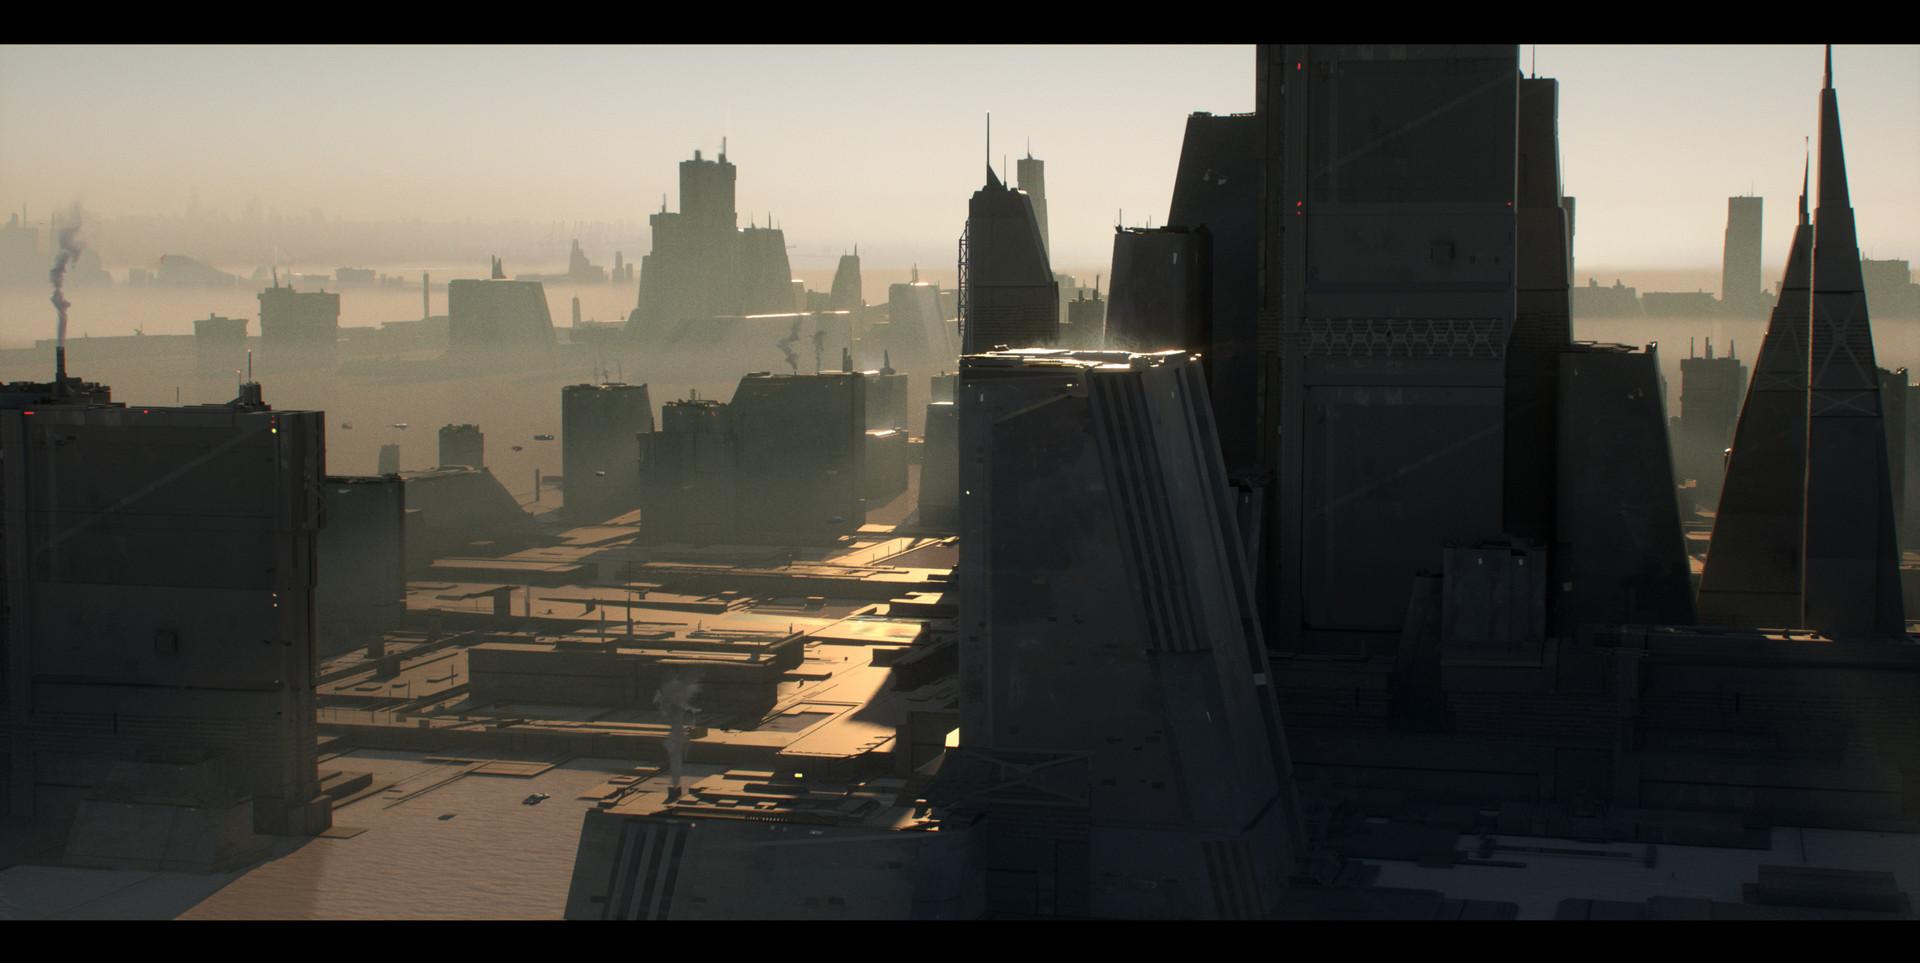 Jx saber city shot 2